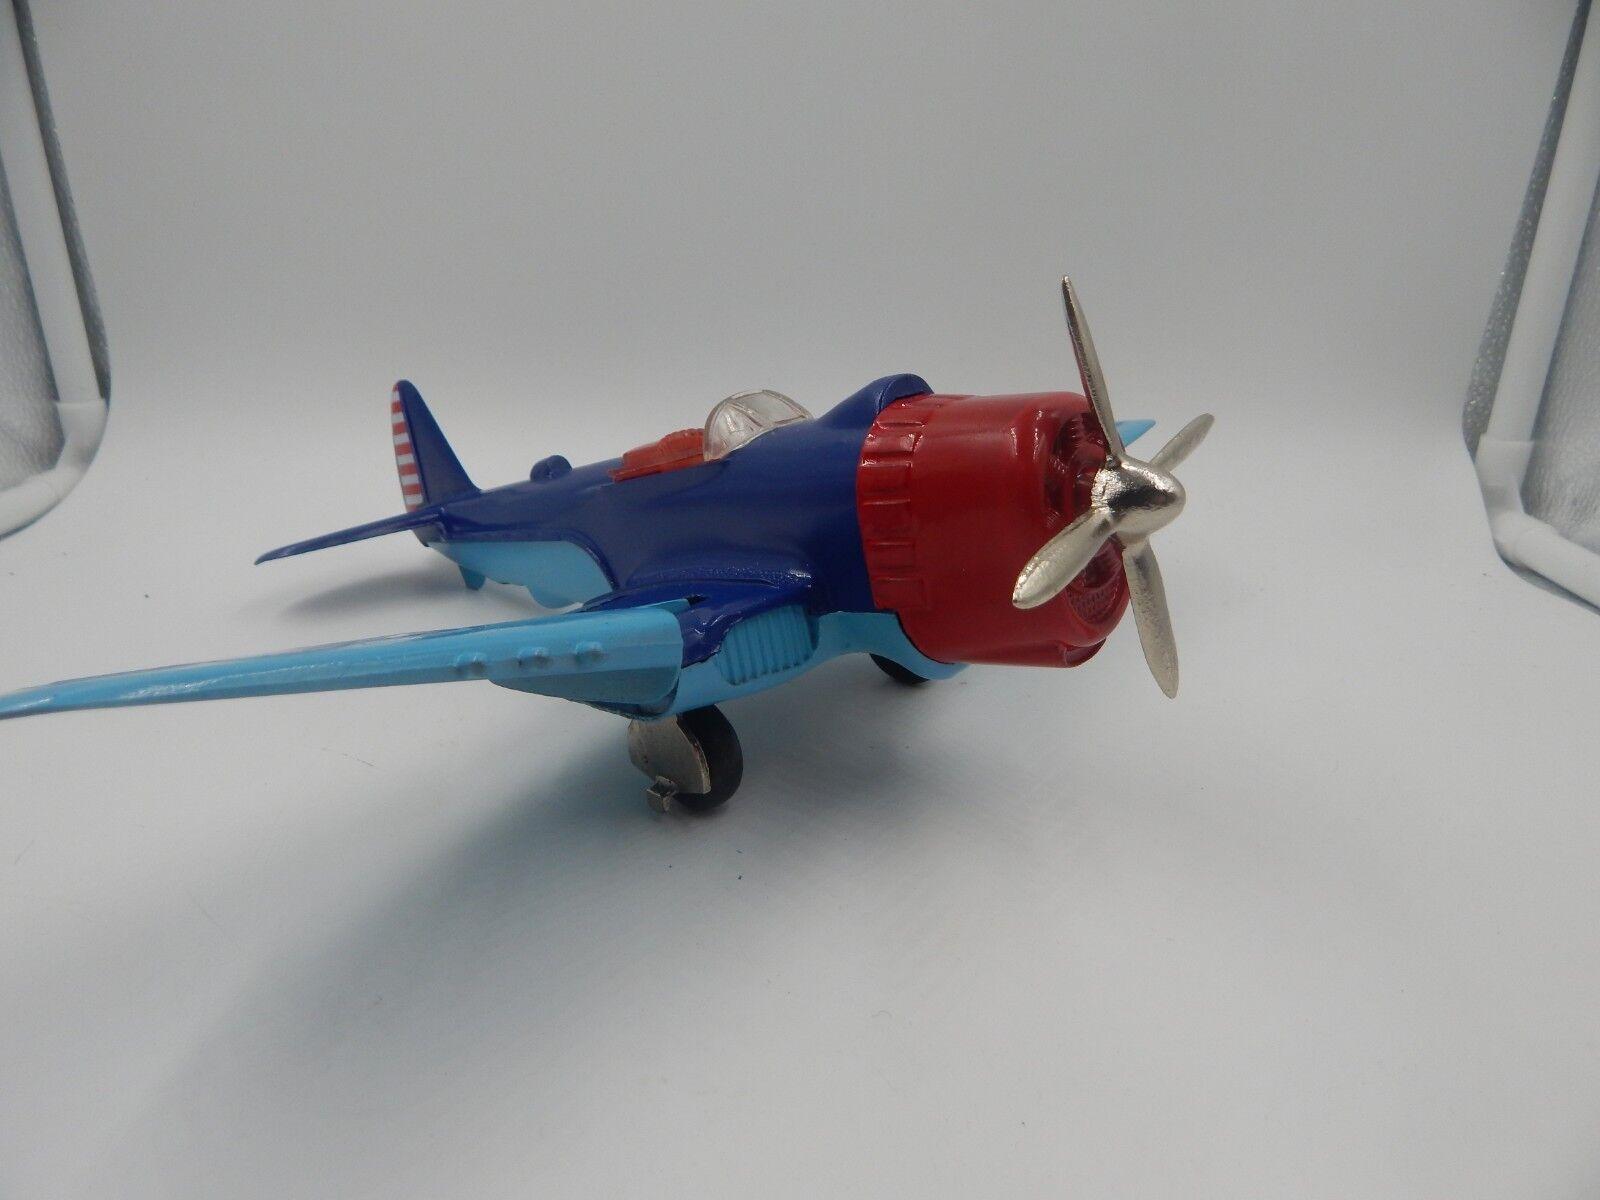 Hubley Avión de Metal Fundido Juguete Vintage 2018